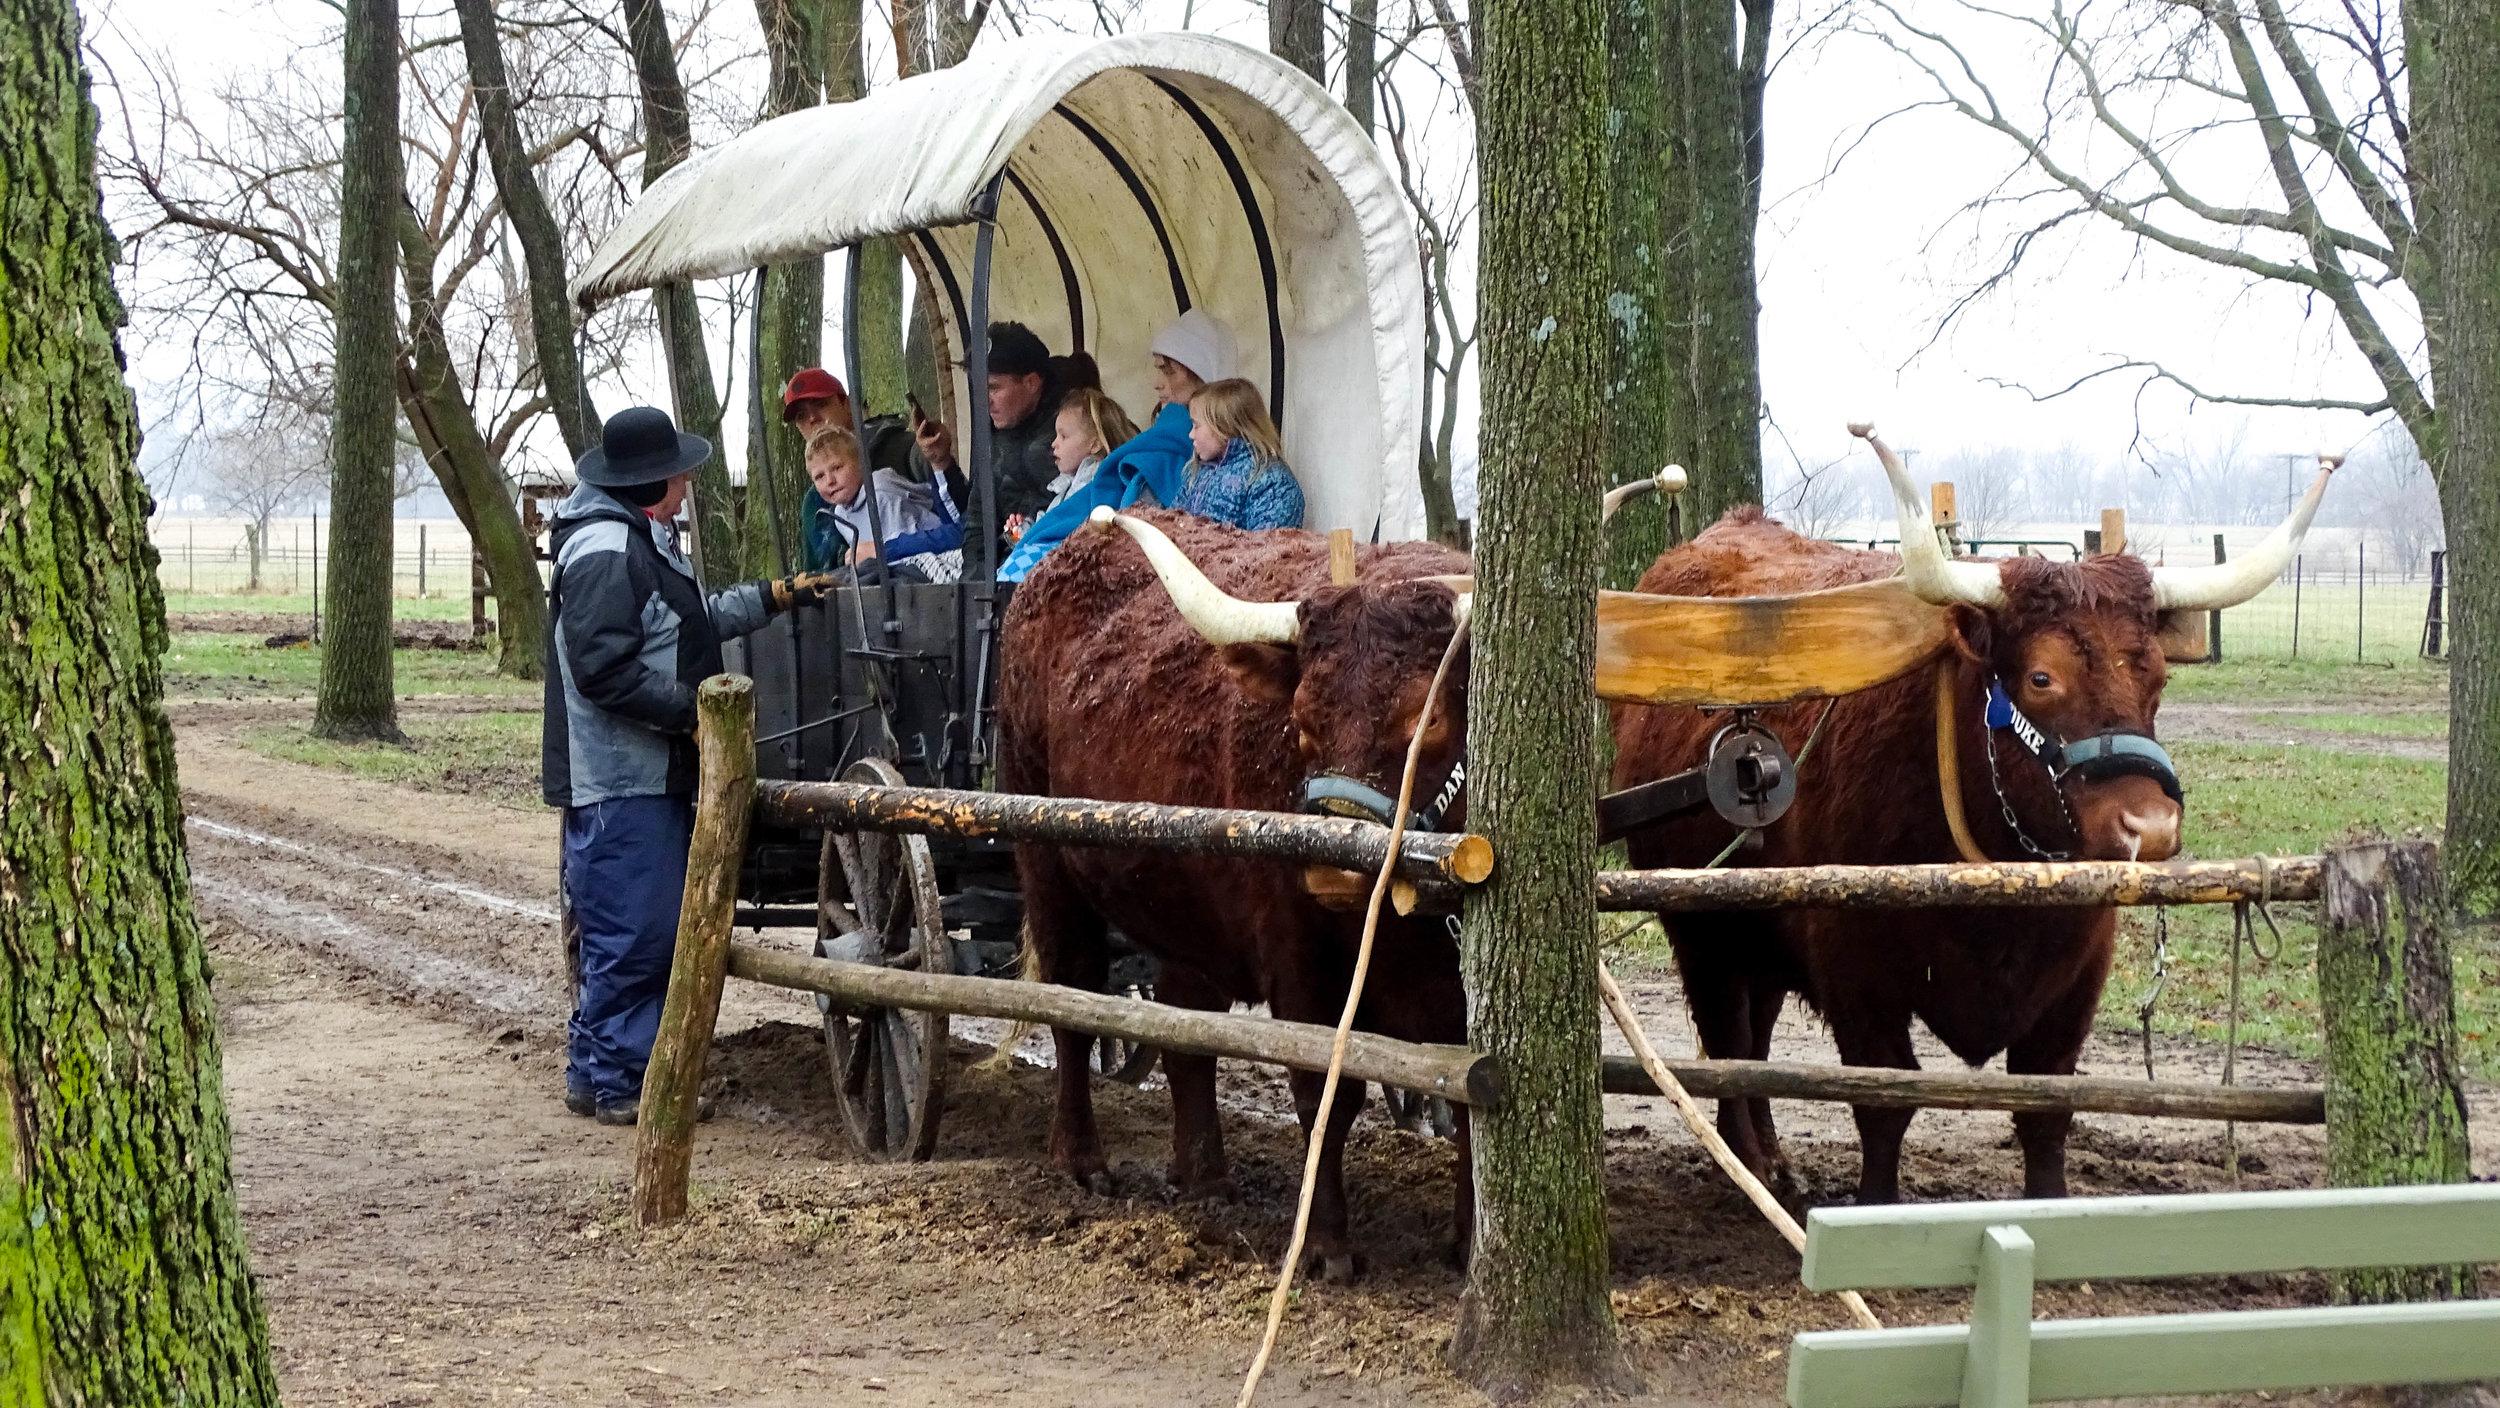 Oxen rides in Nauvoo, Illinois